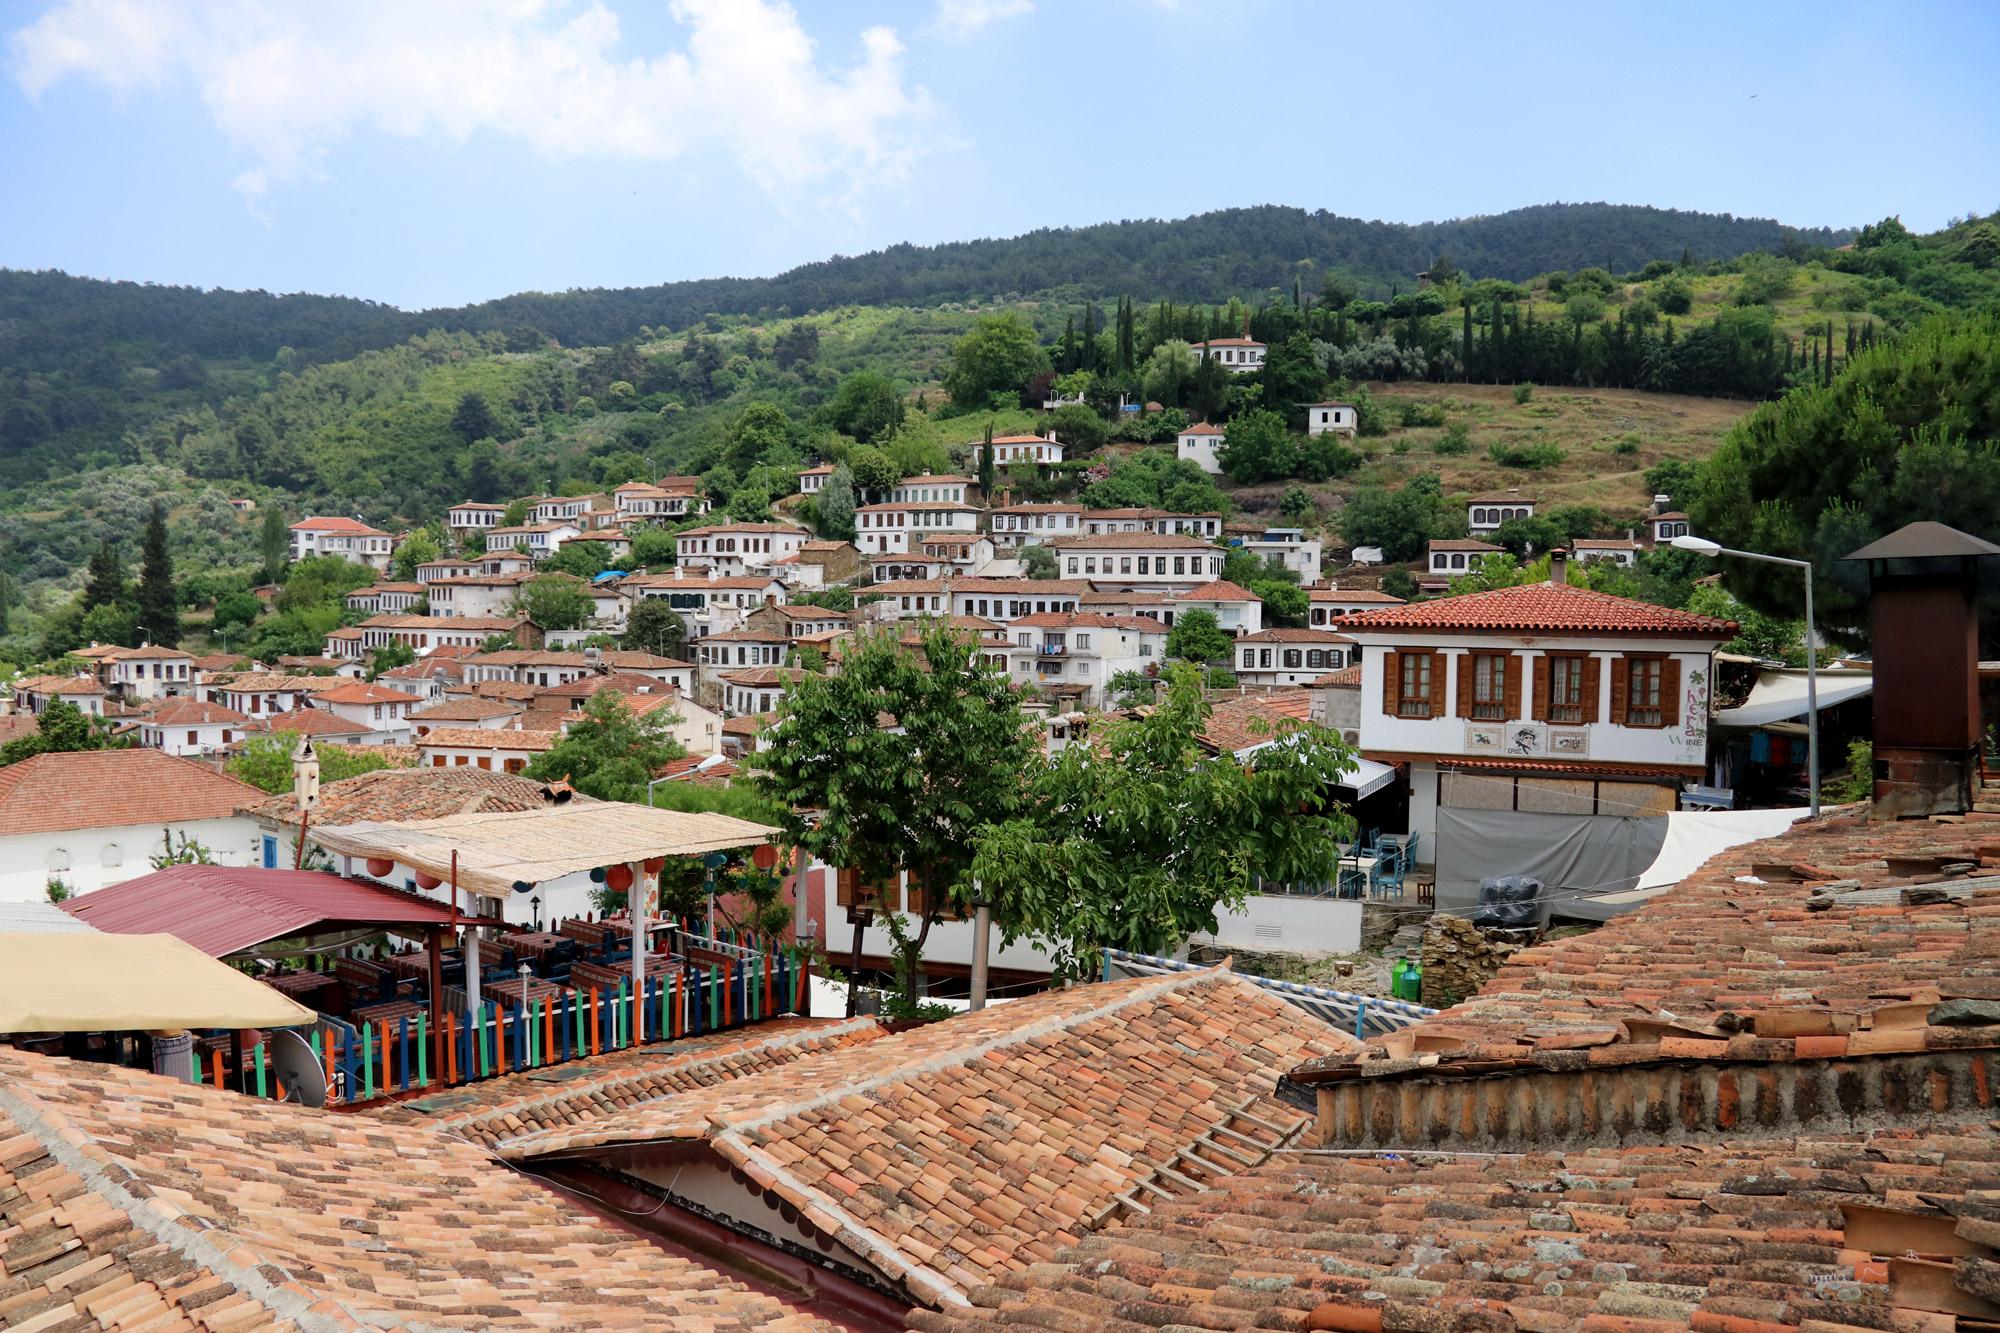 Turkije reisverslag: Efeze en Şirince - Een blik op Şirince